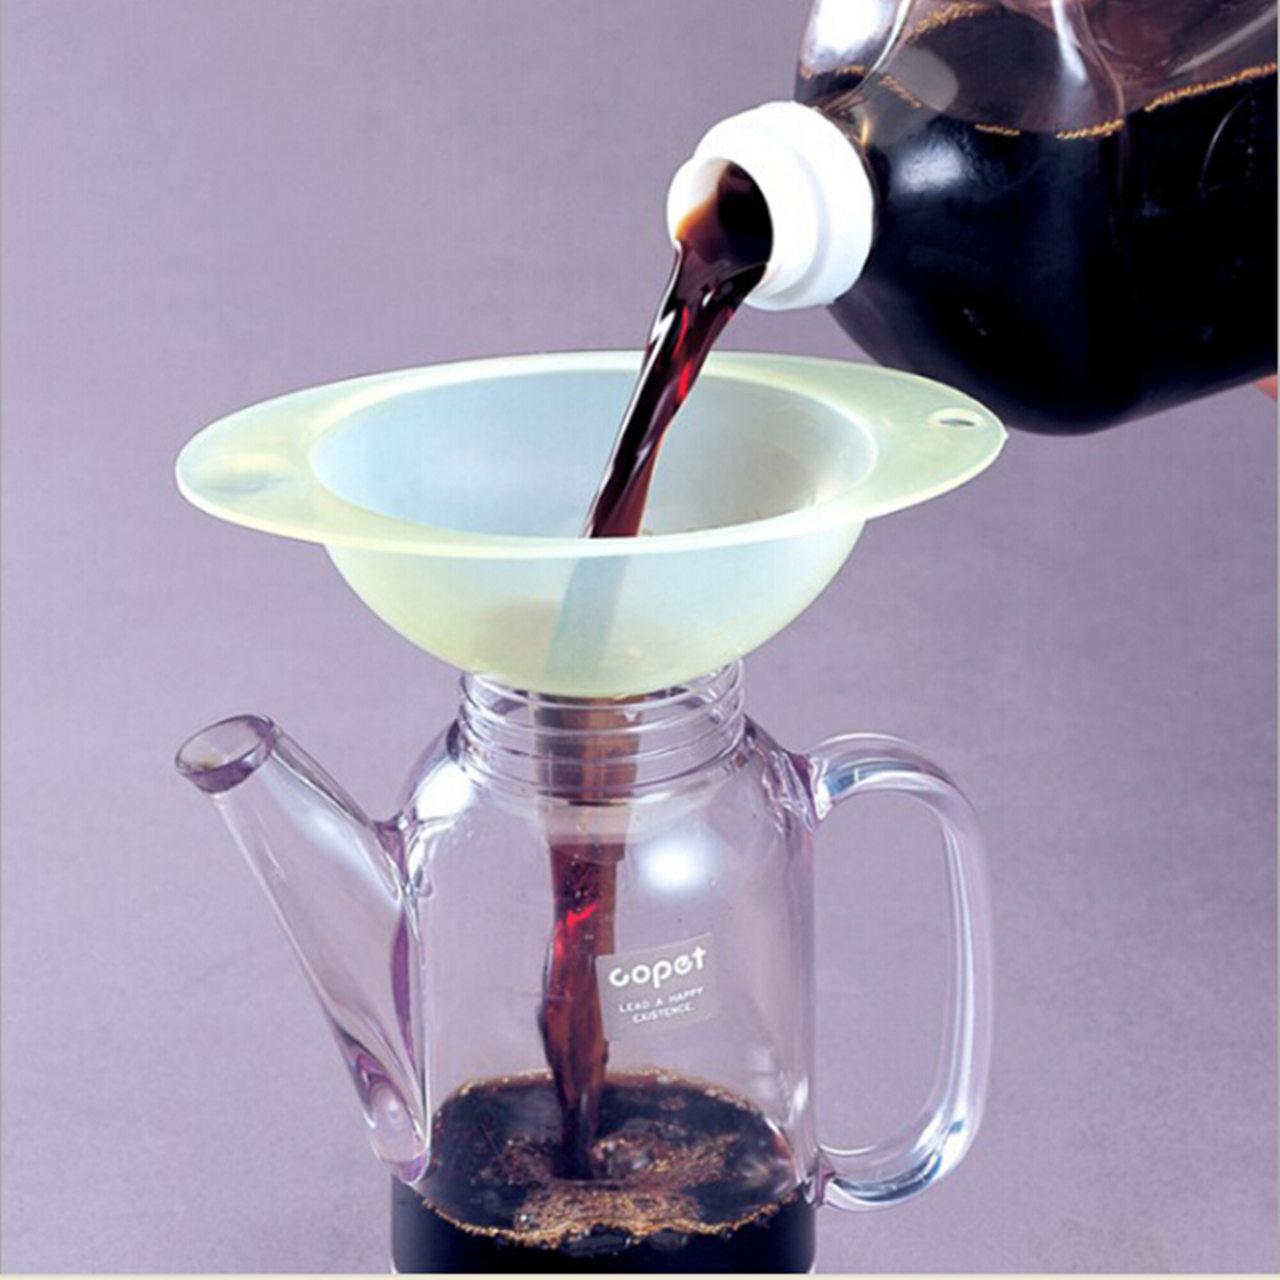 振兴YH506酱油塑料创意漏斗 加油 醋 酒 过滤 宽口漏斗